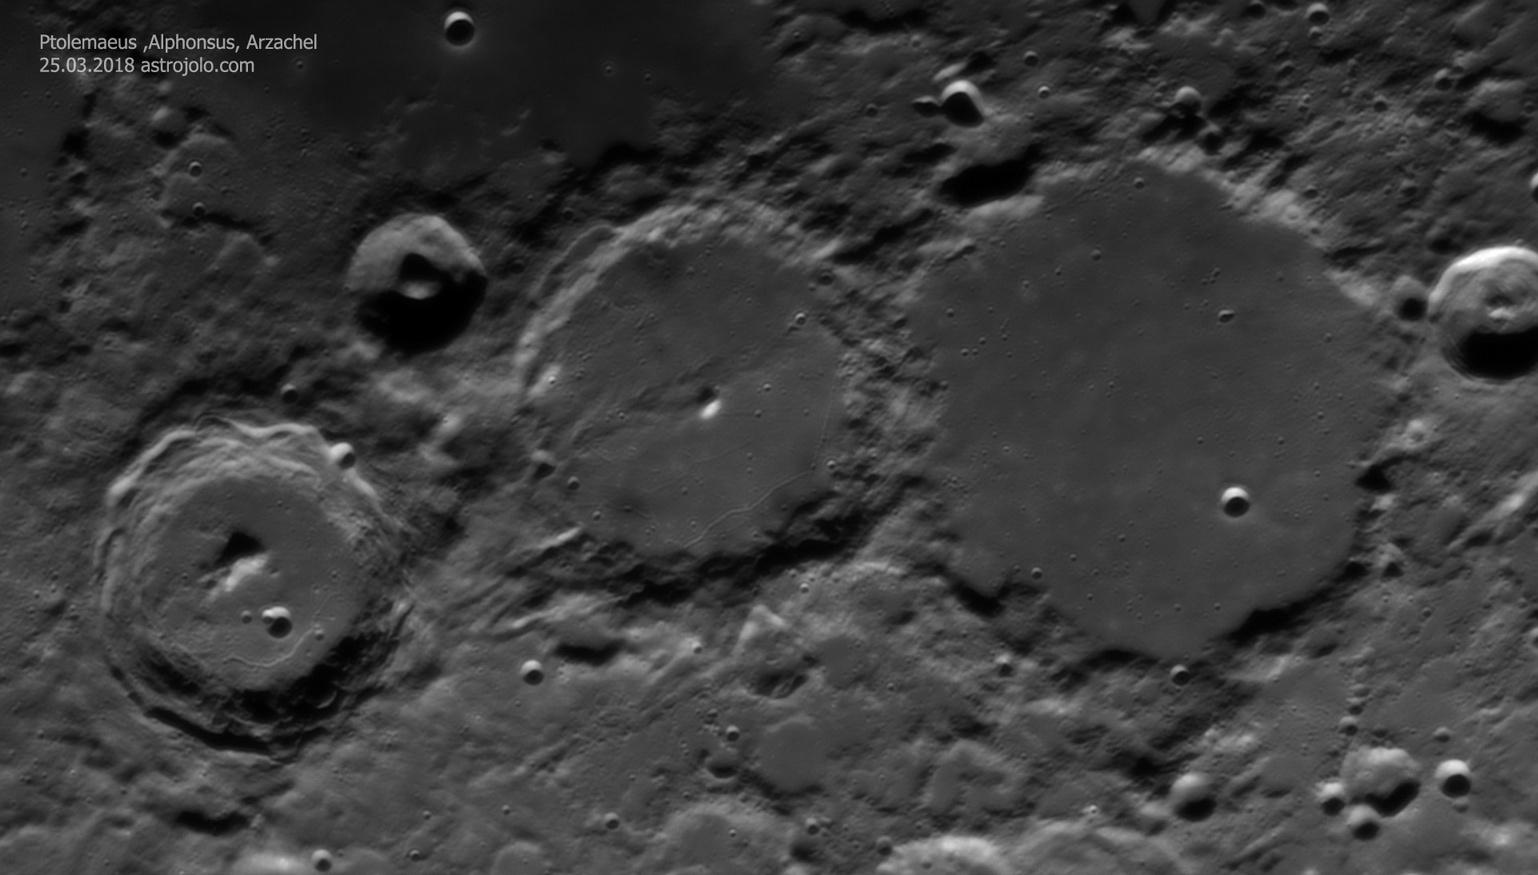 20180325_Ptolemaeus.jpg